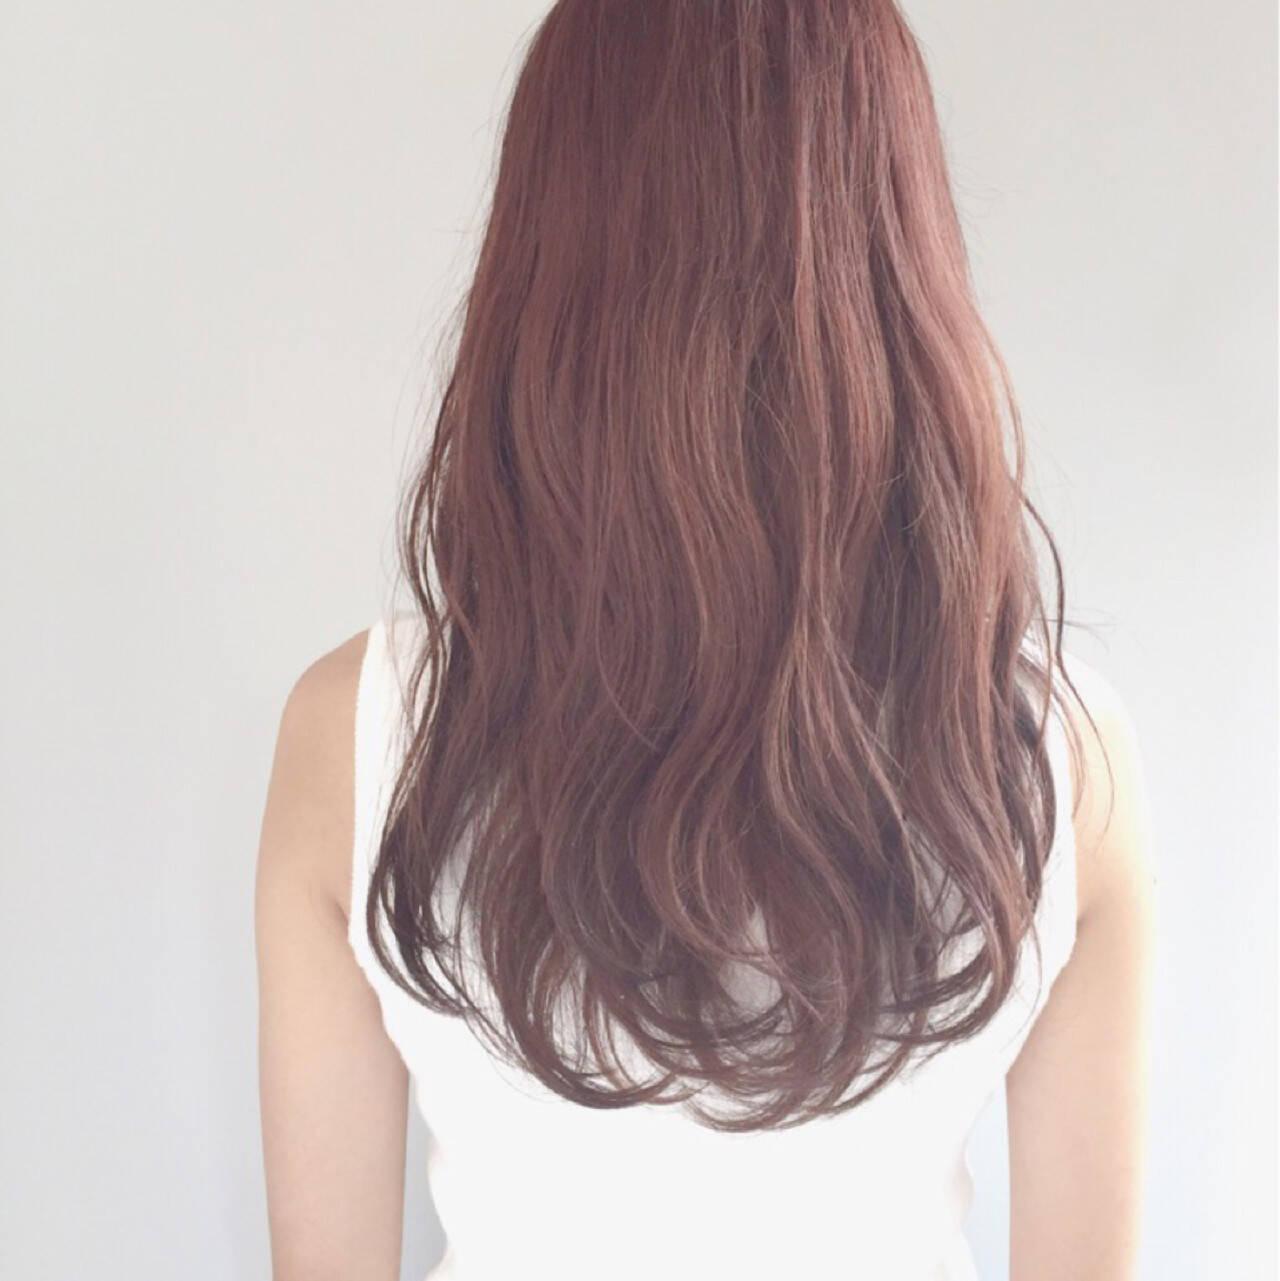 カール ガーリー ロング ゆるふわヘアスタイルや髪型の写真・画像